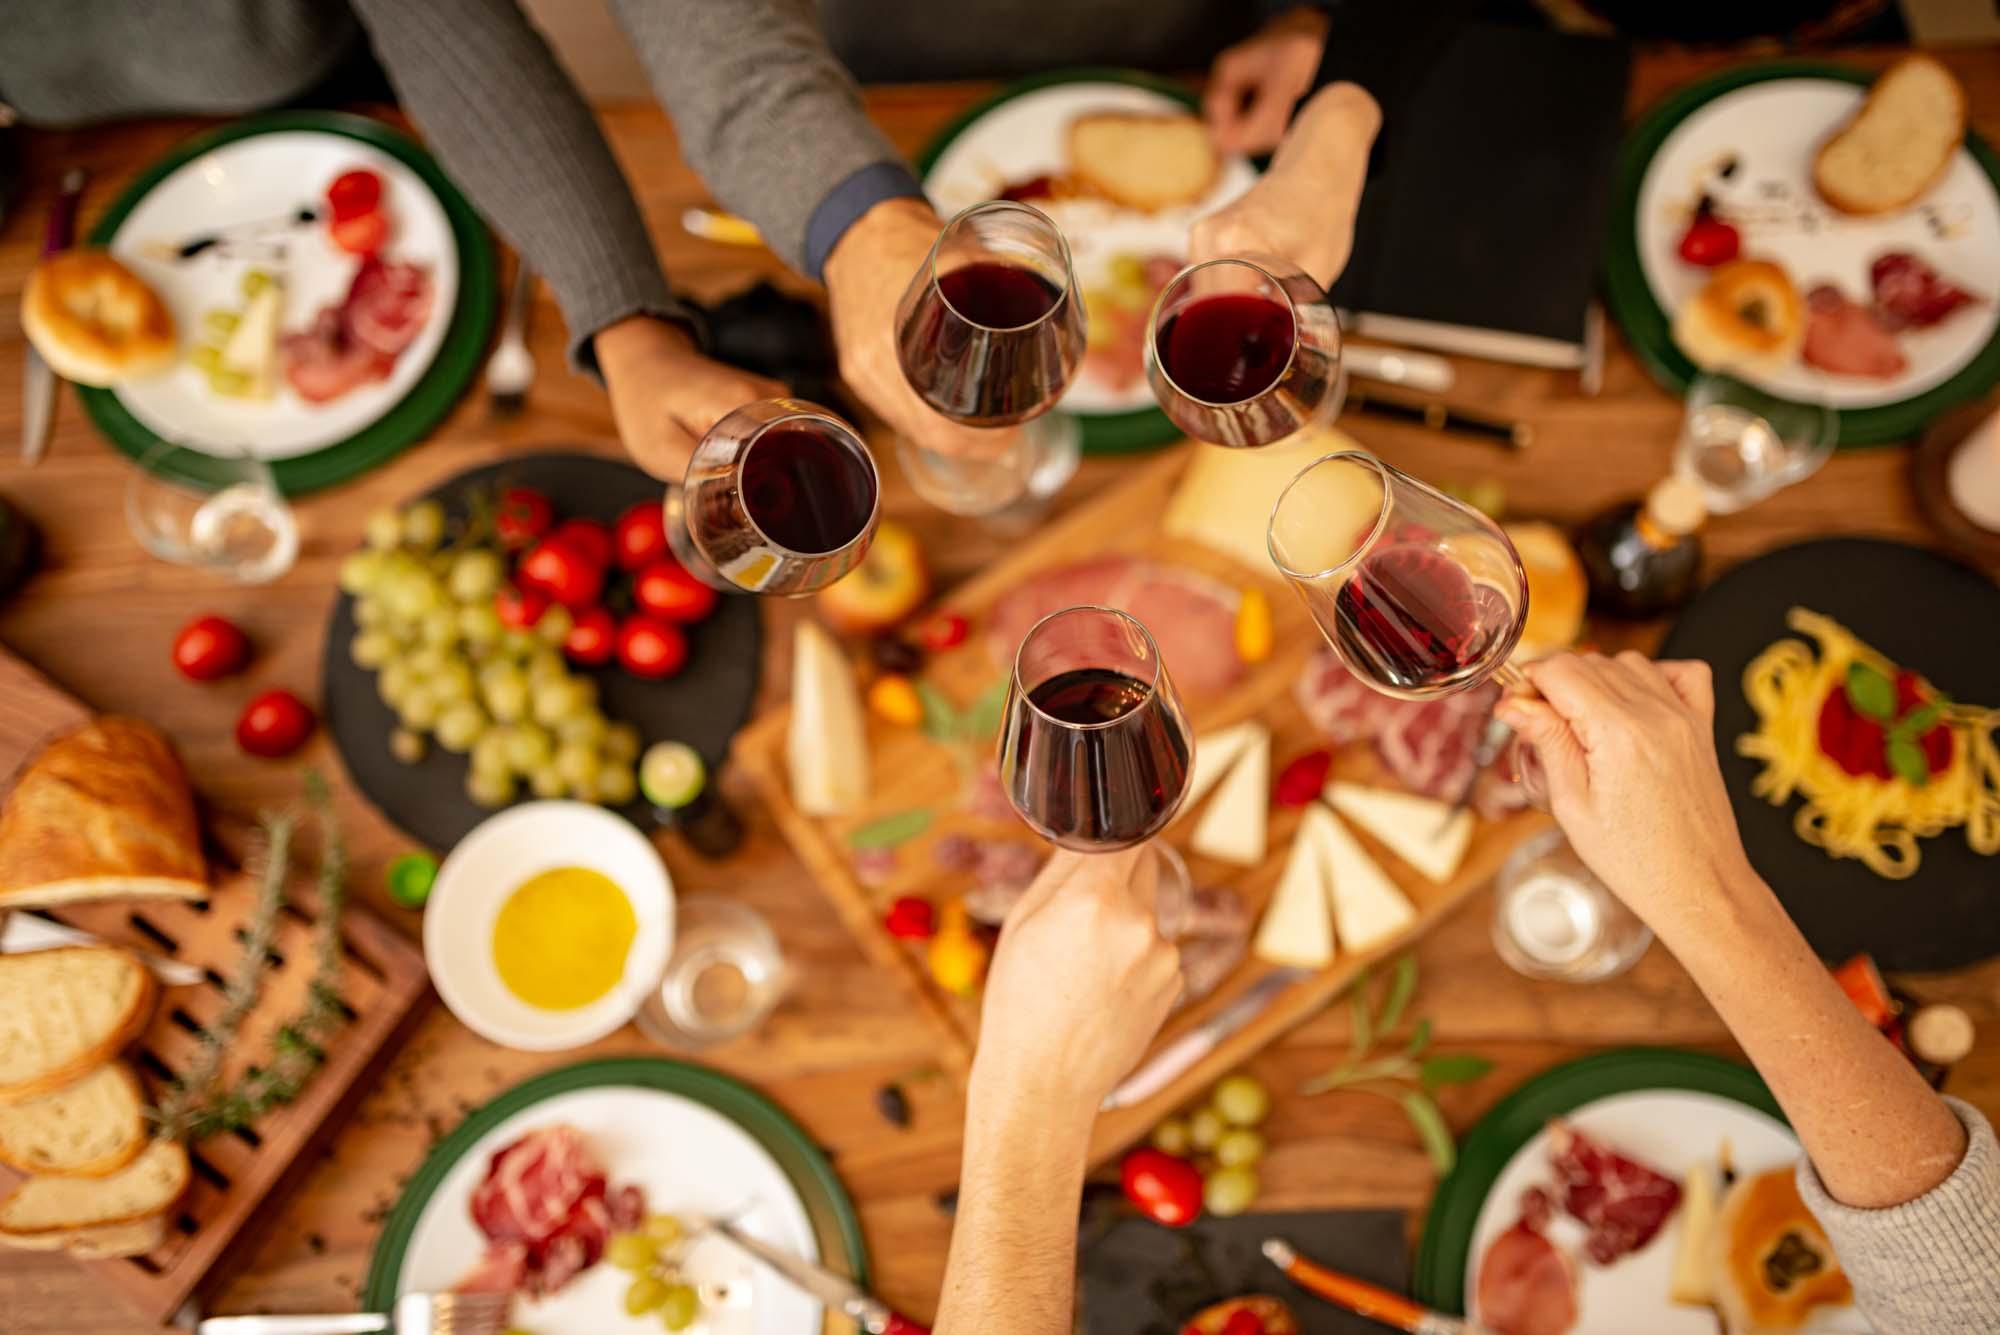 Cucina Amatoriale Formazione Manageriale a Verona